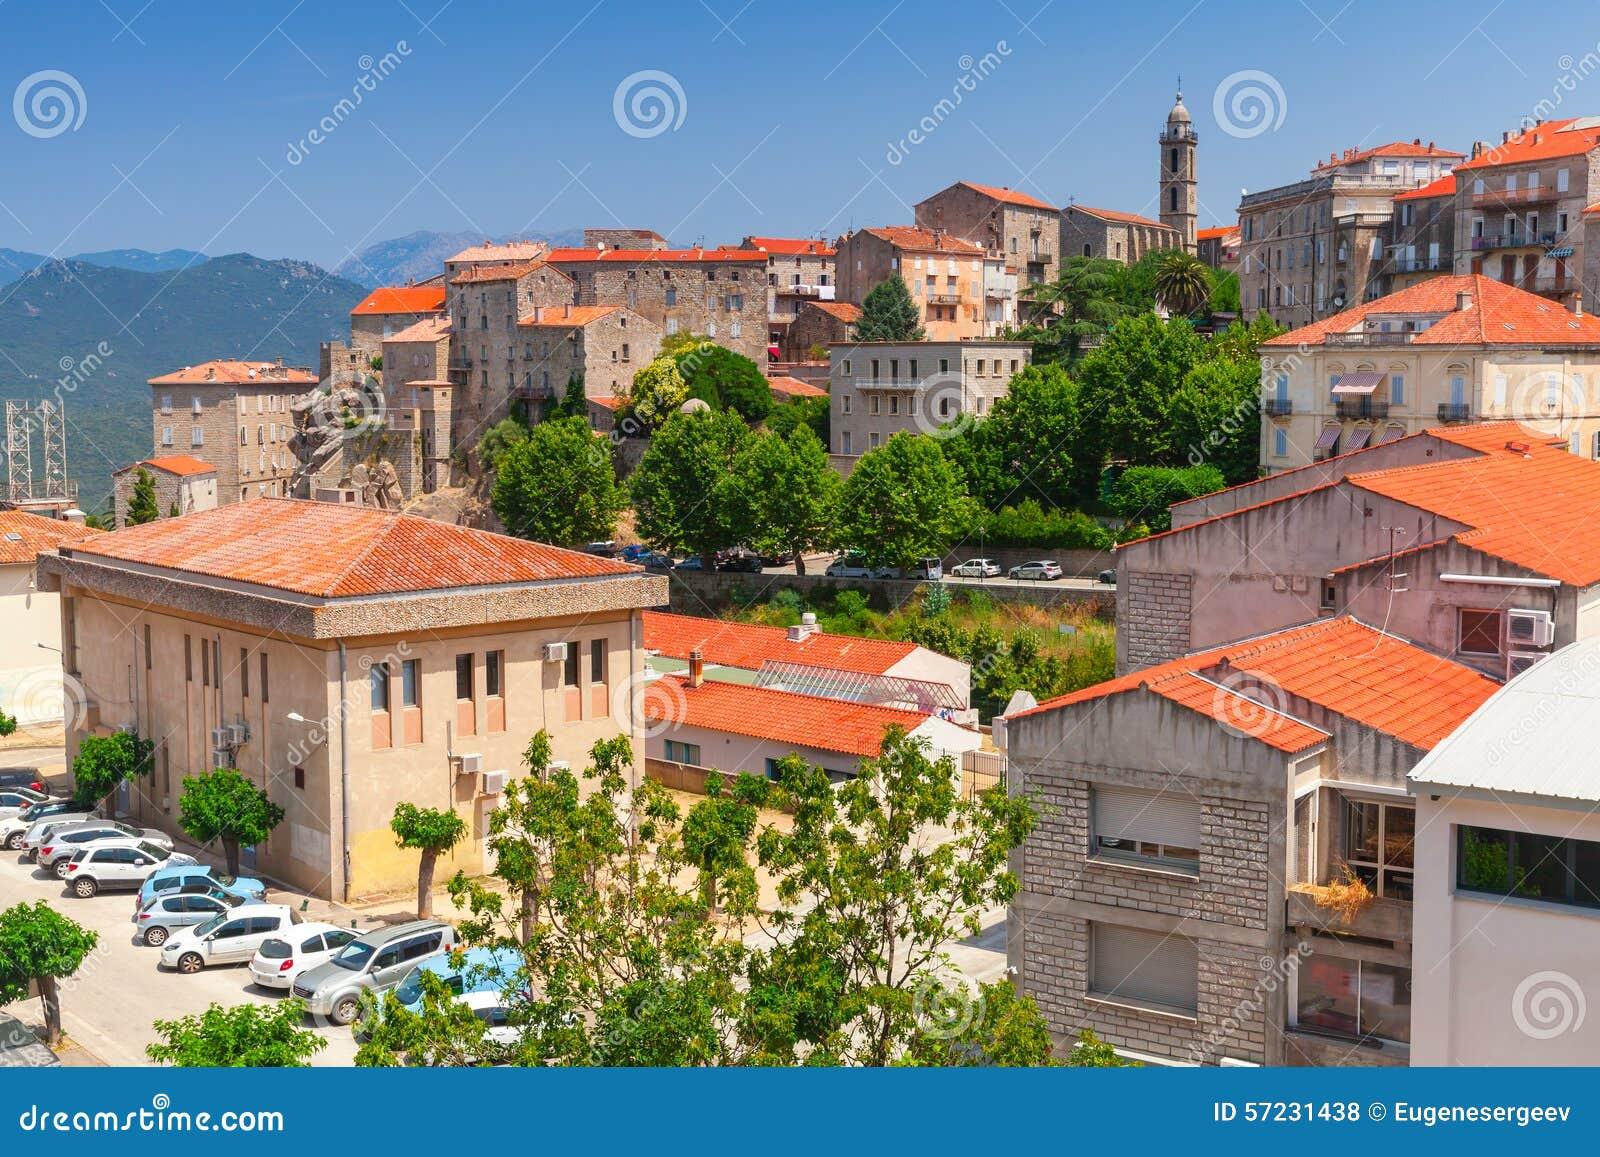 Vieux paysage urbain de ville sartene corse france photo for Paysage de ville